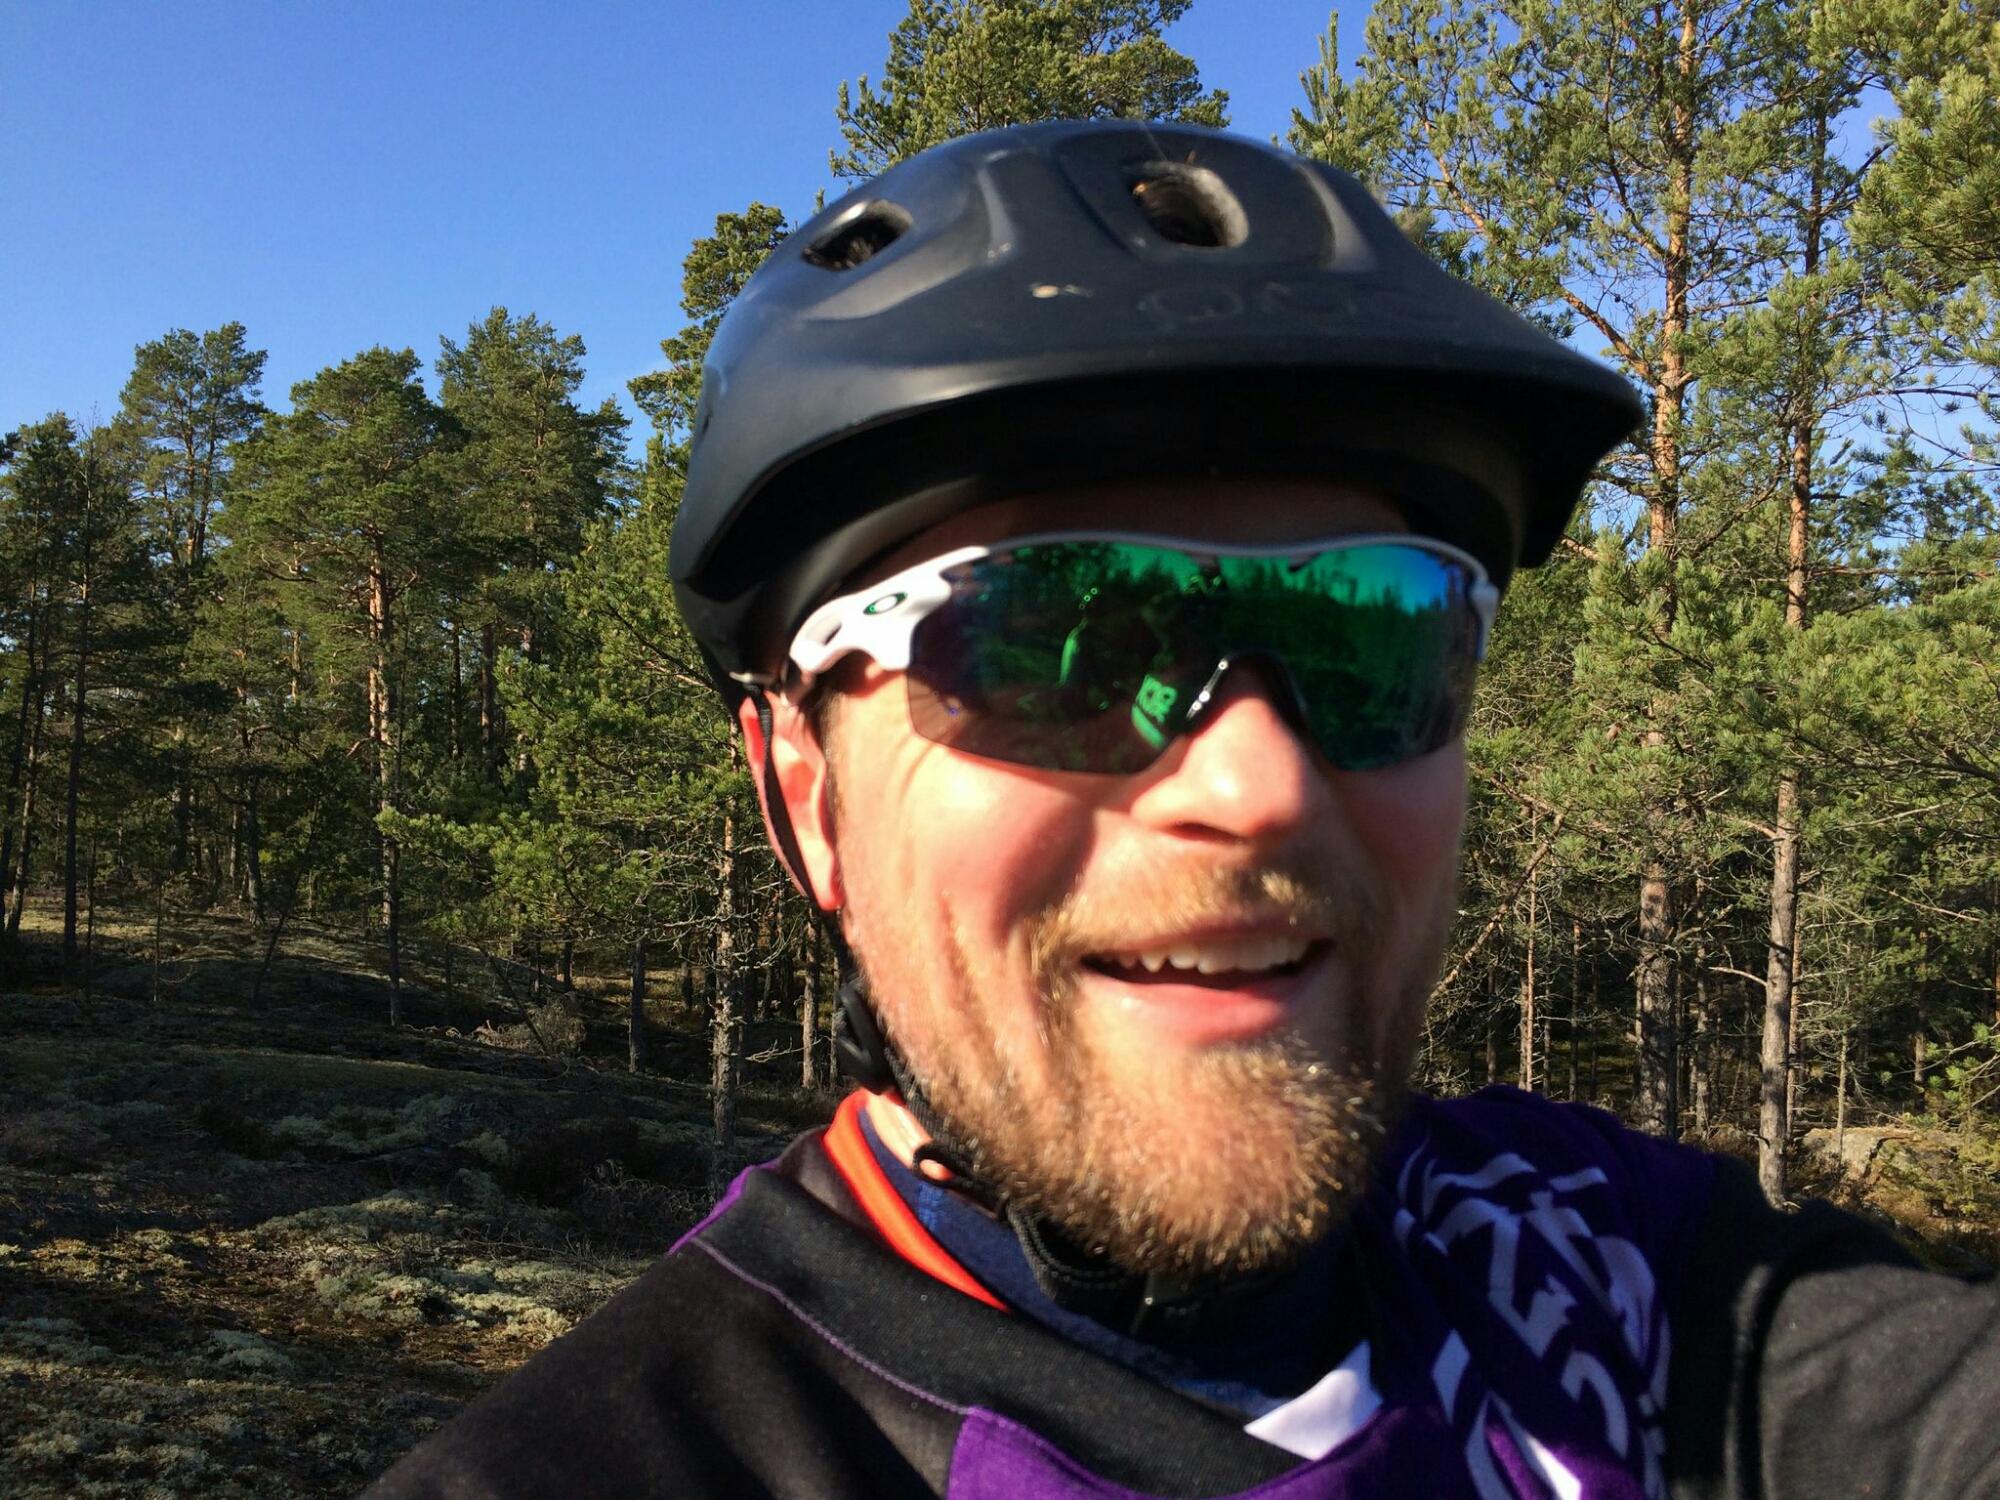 Så här glad blir man av sol och cykling!